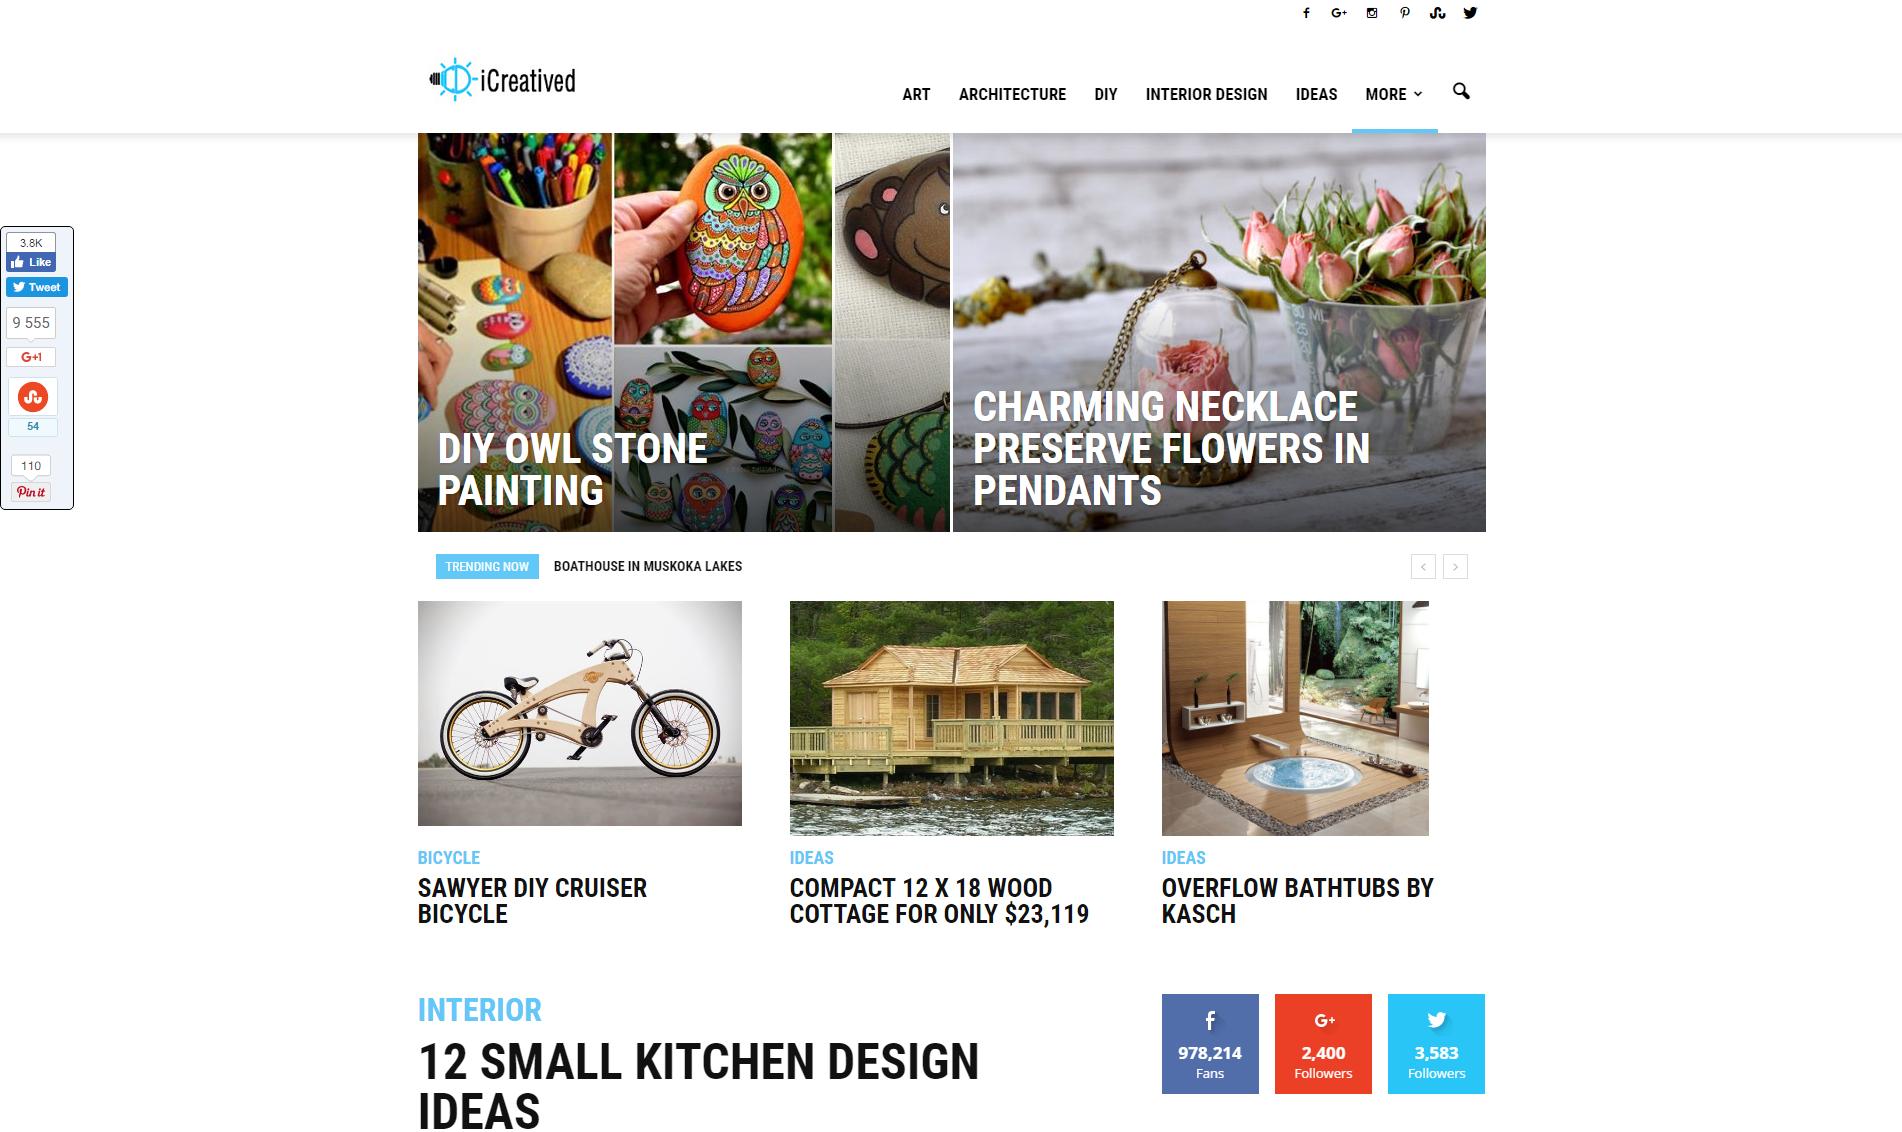 icreatived.com vous donne des idées belles et nouvelles